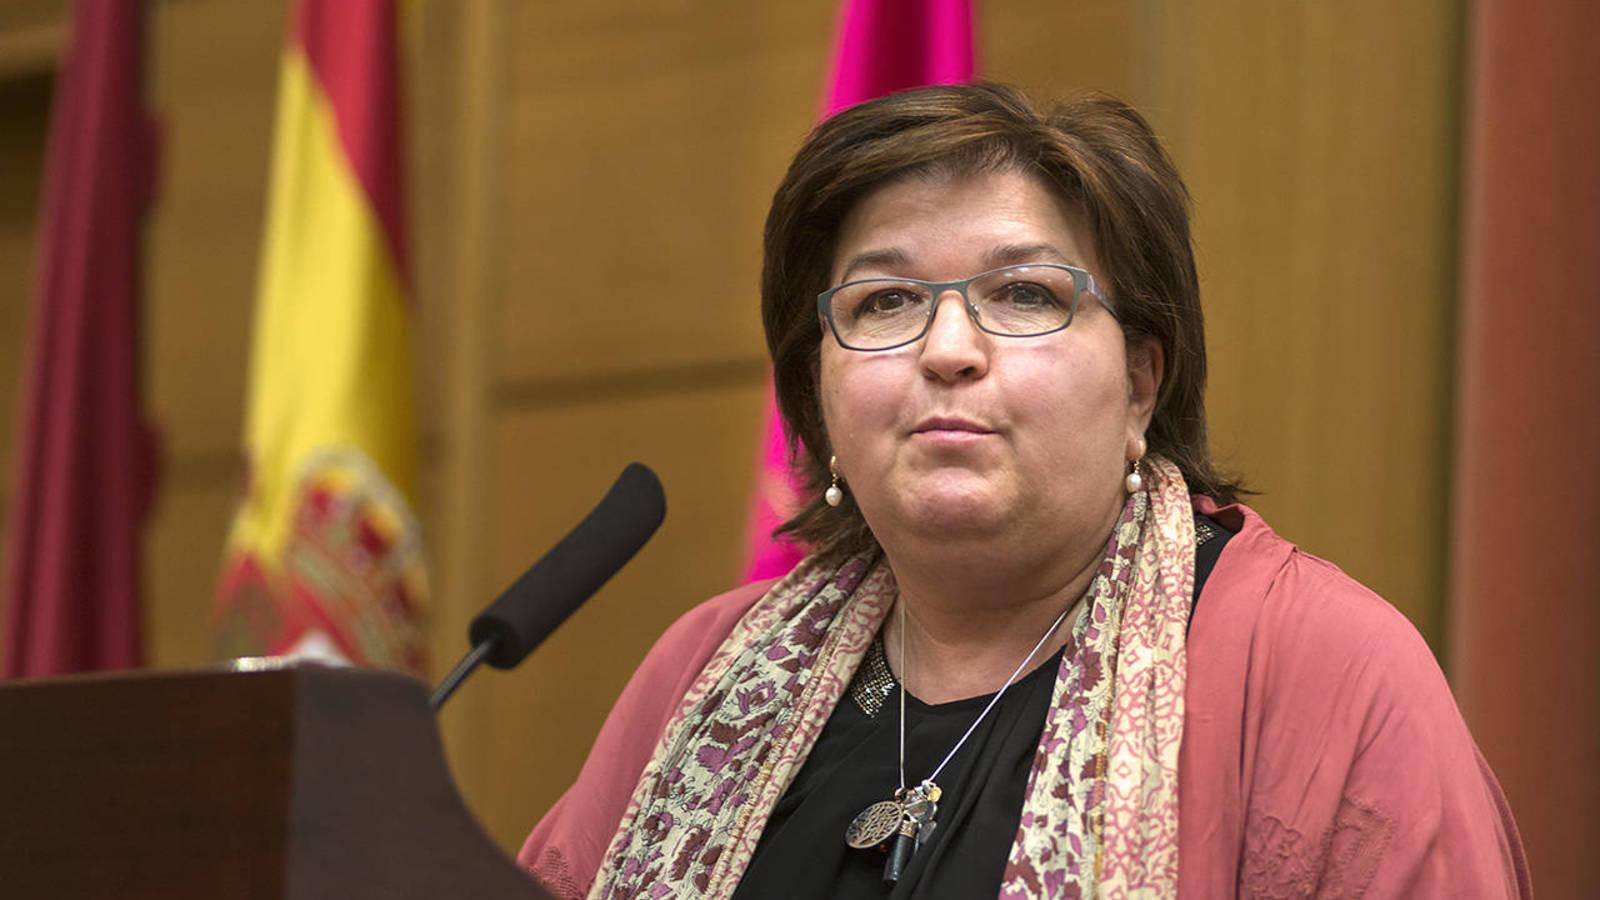 Esther del Campo, decana de la Facultad de Ciencias Políticas y Sociología de la Complutense. (Foto: UCM)